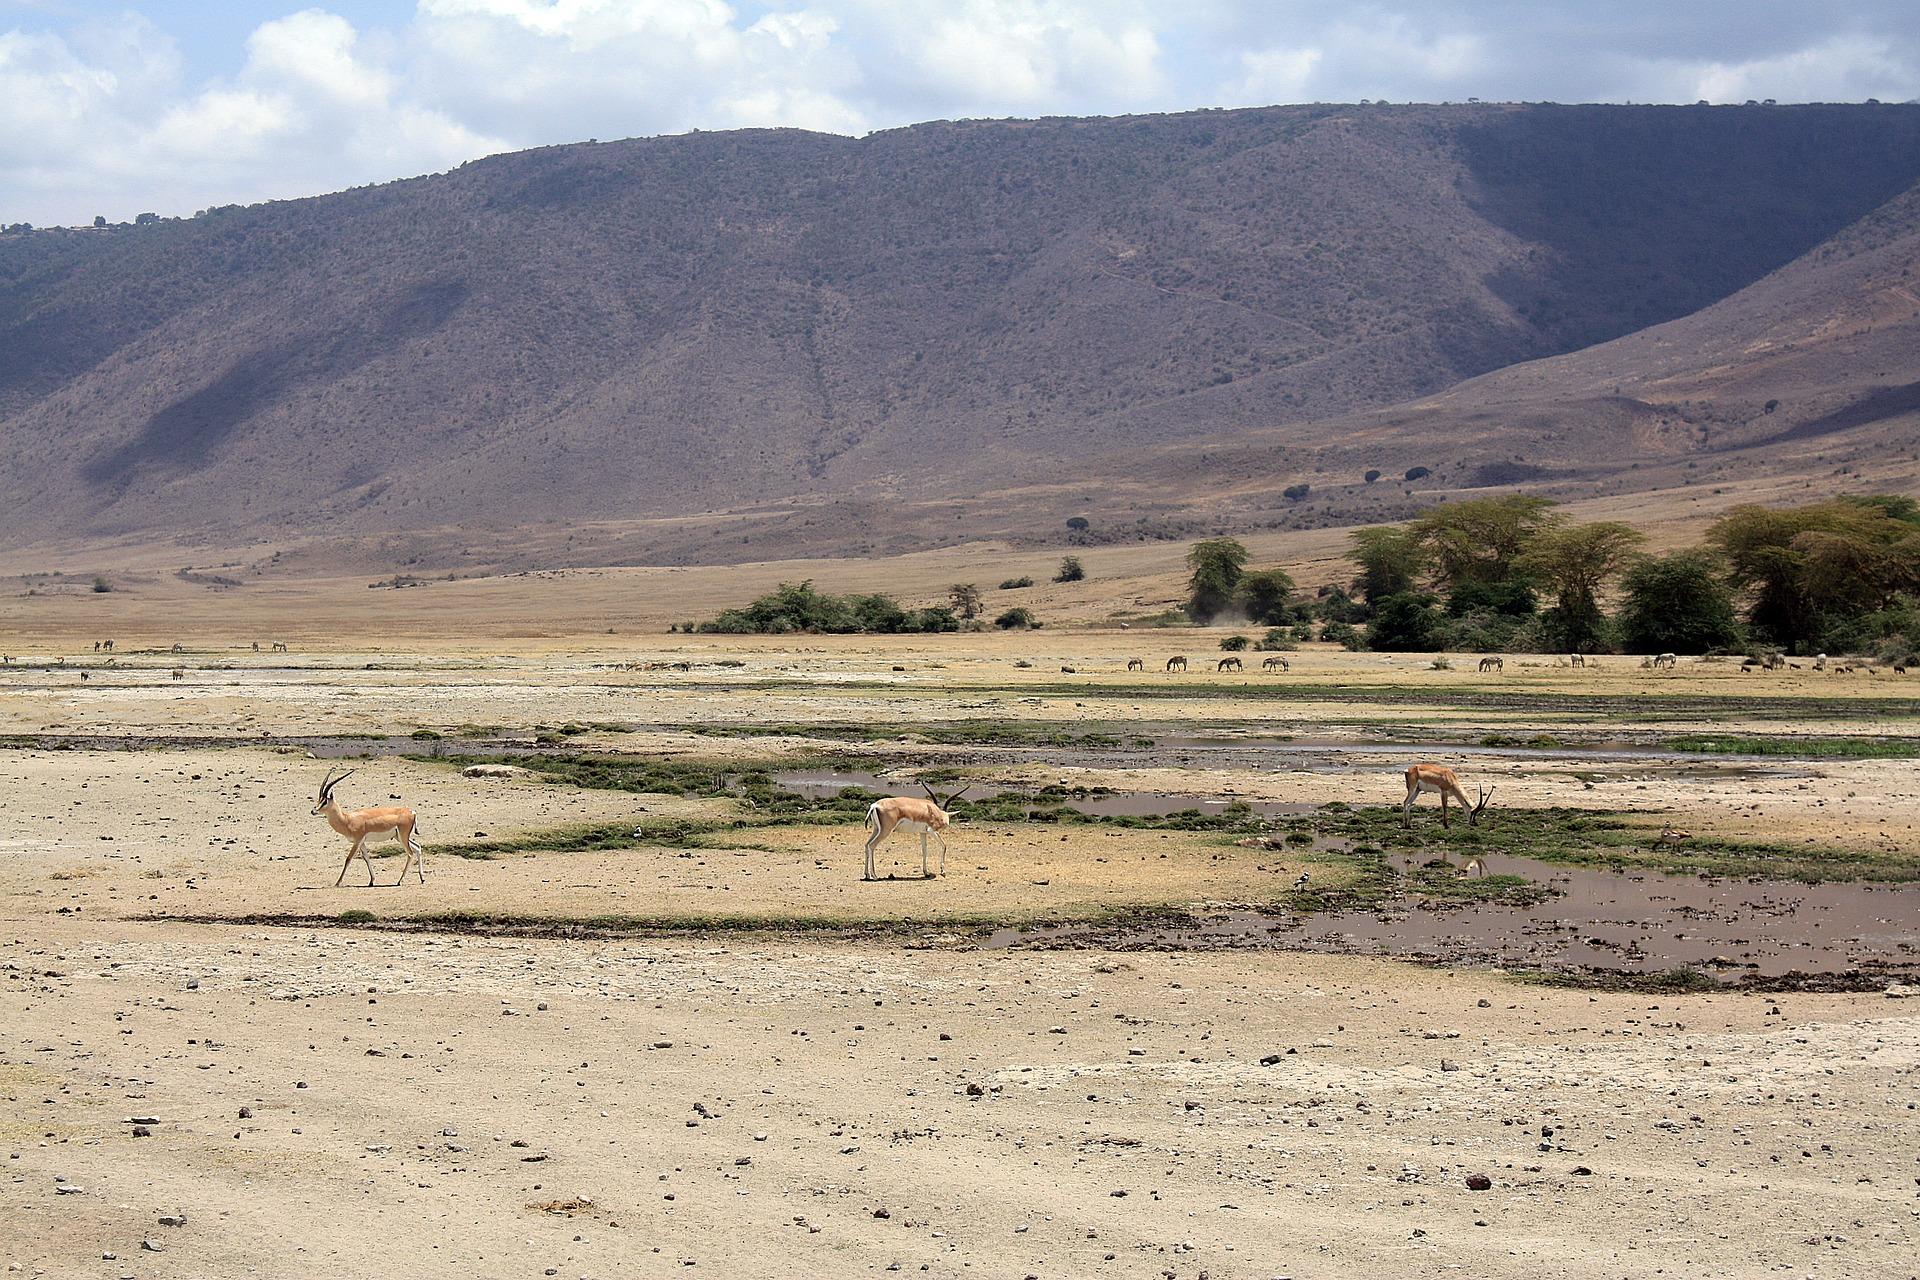 antelope-1705206_1920